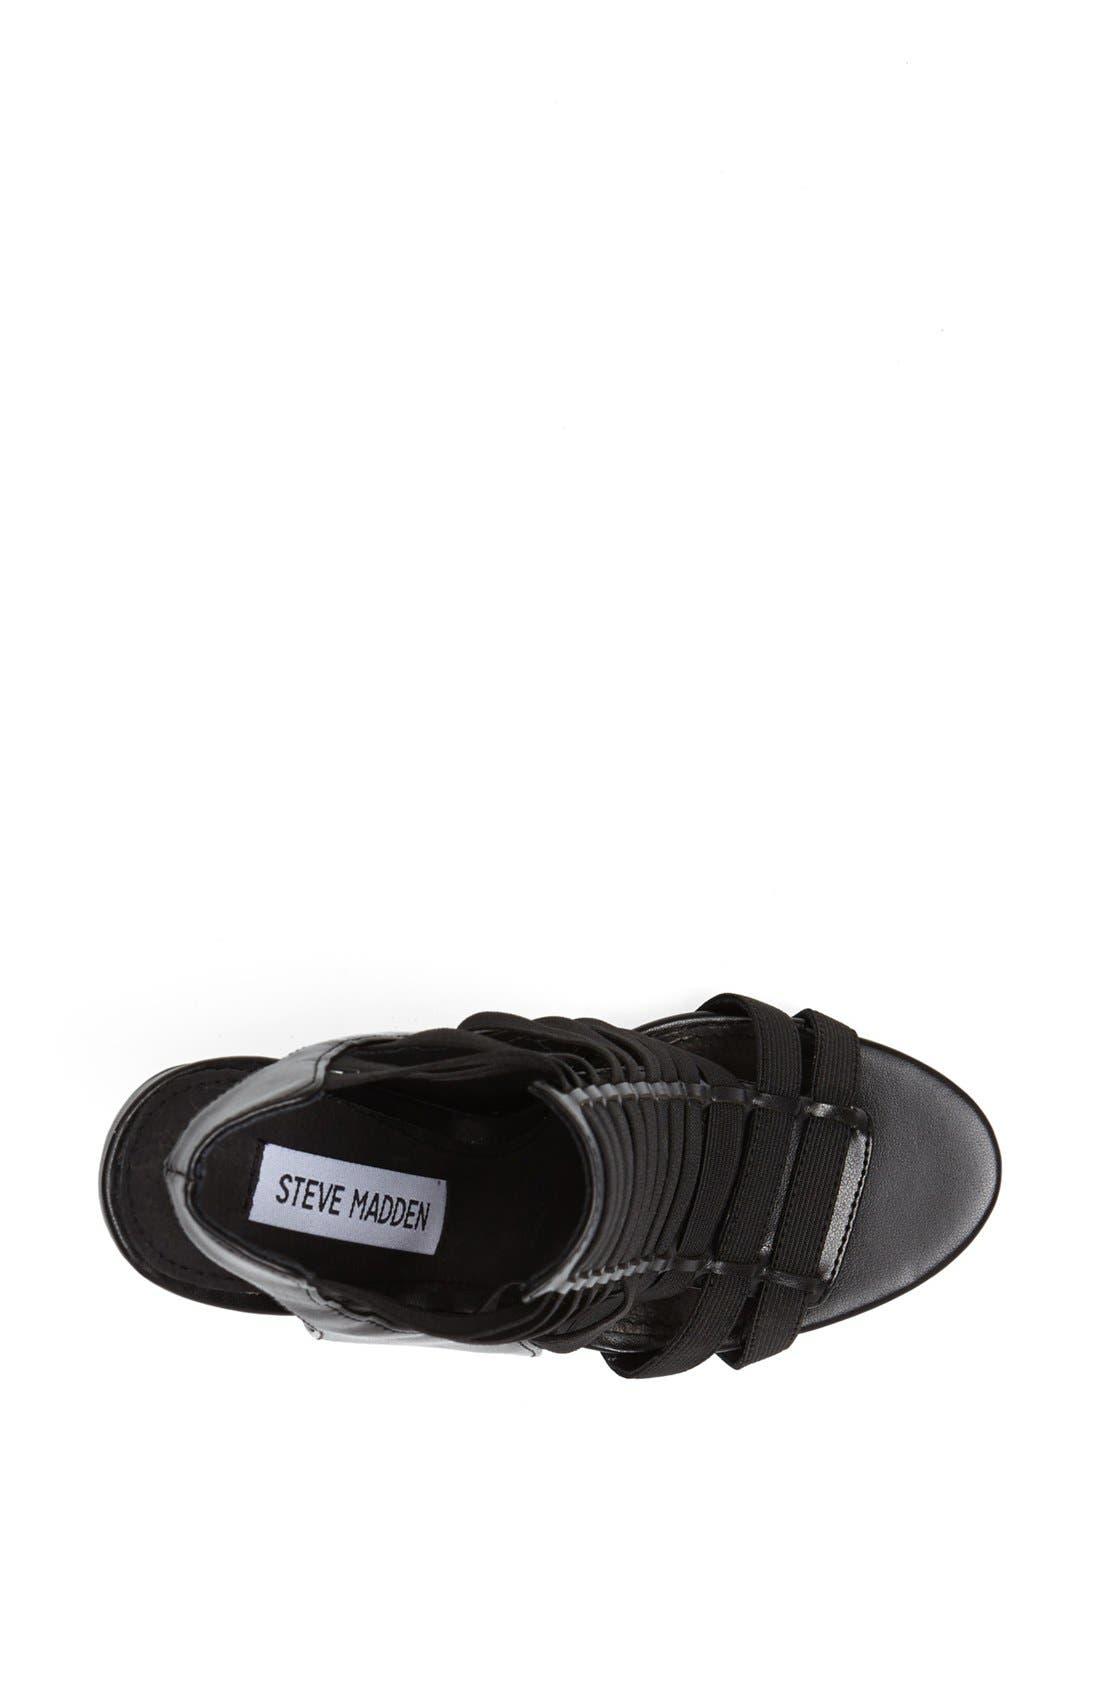 Alternate Image 3  - Steve Madden 'Stretche' Sandal